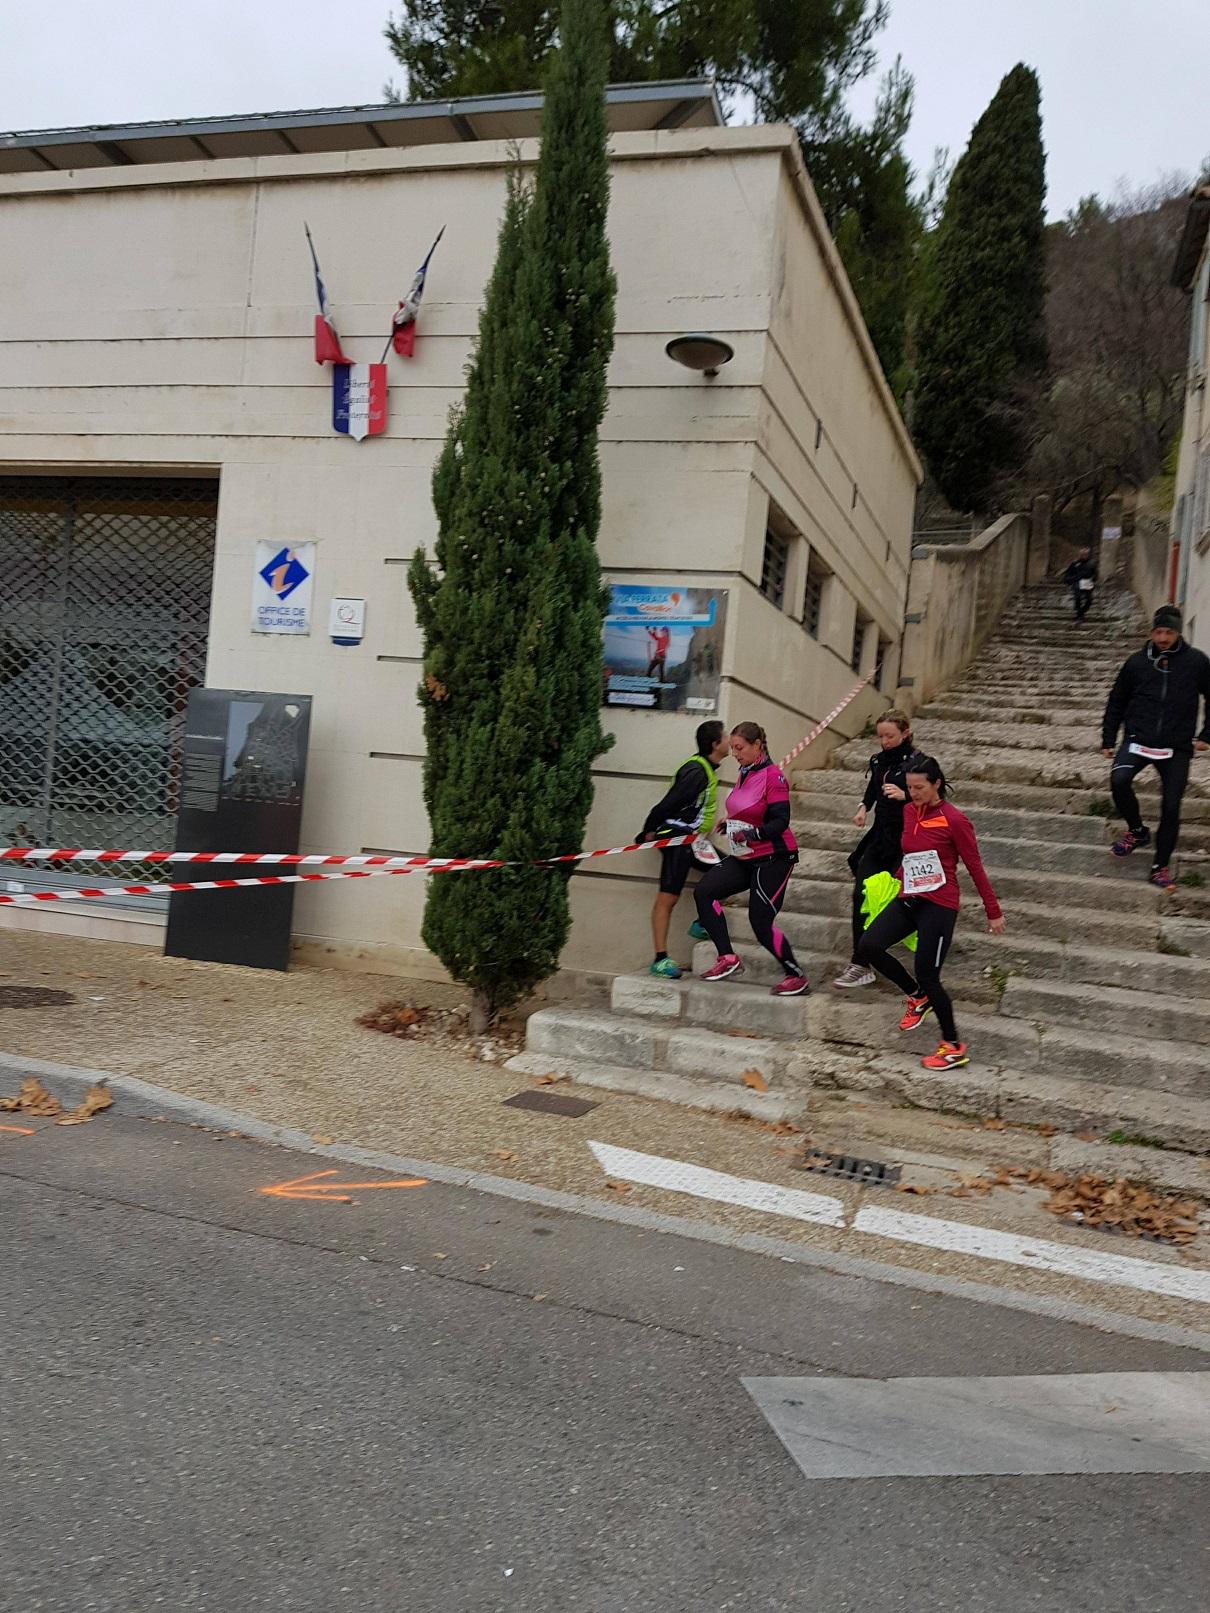 24-Allez, virage à la corde avant de sprinter jusqu'à la ligne..